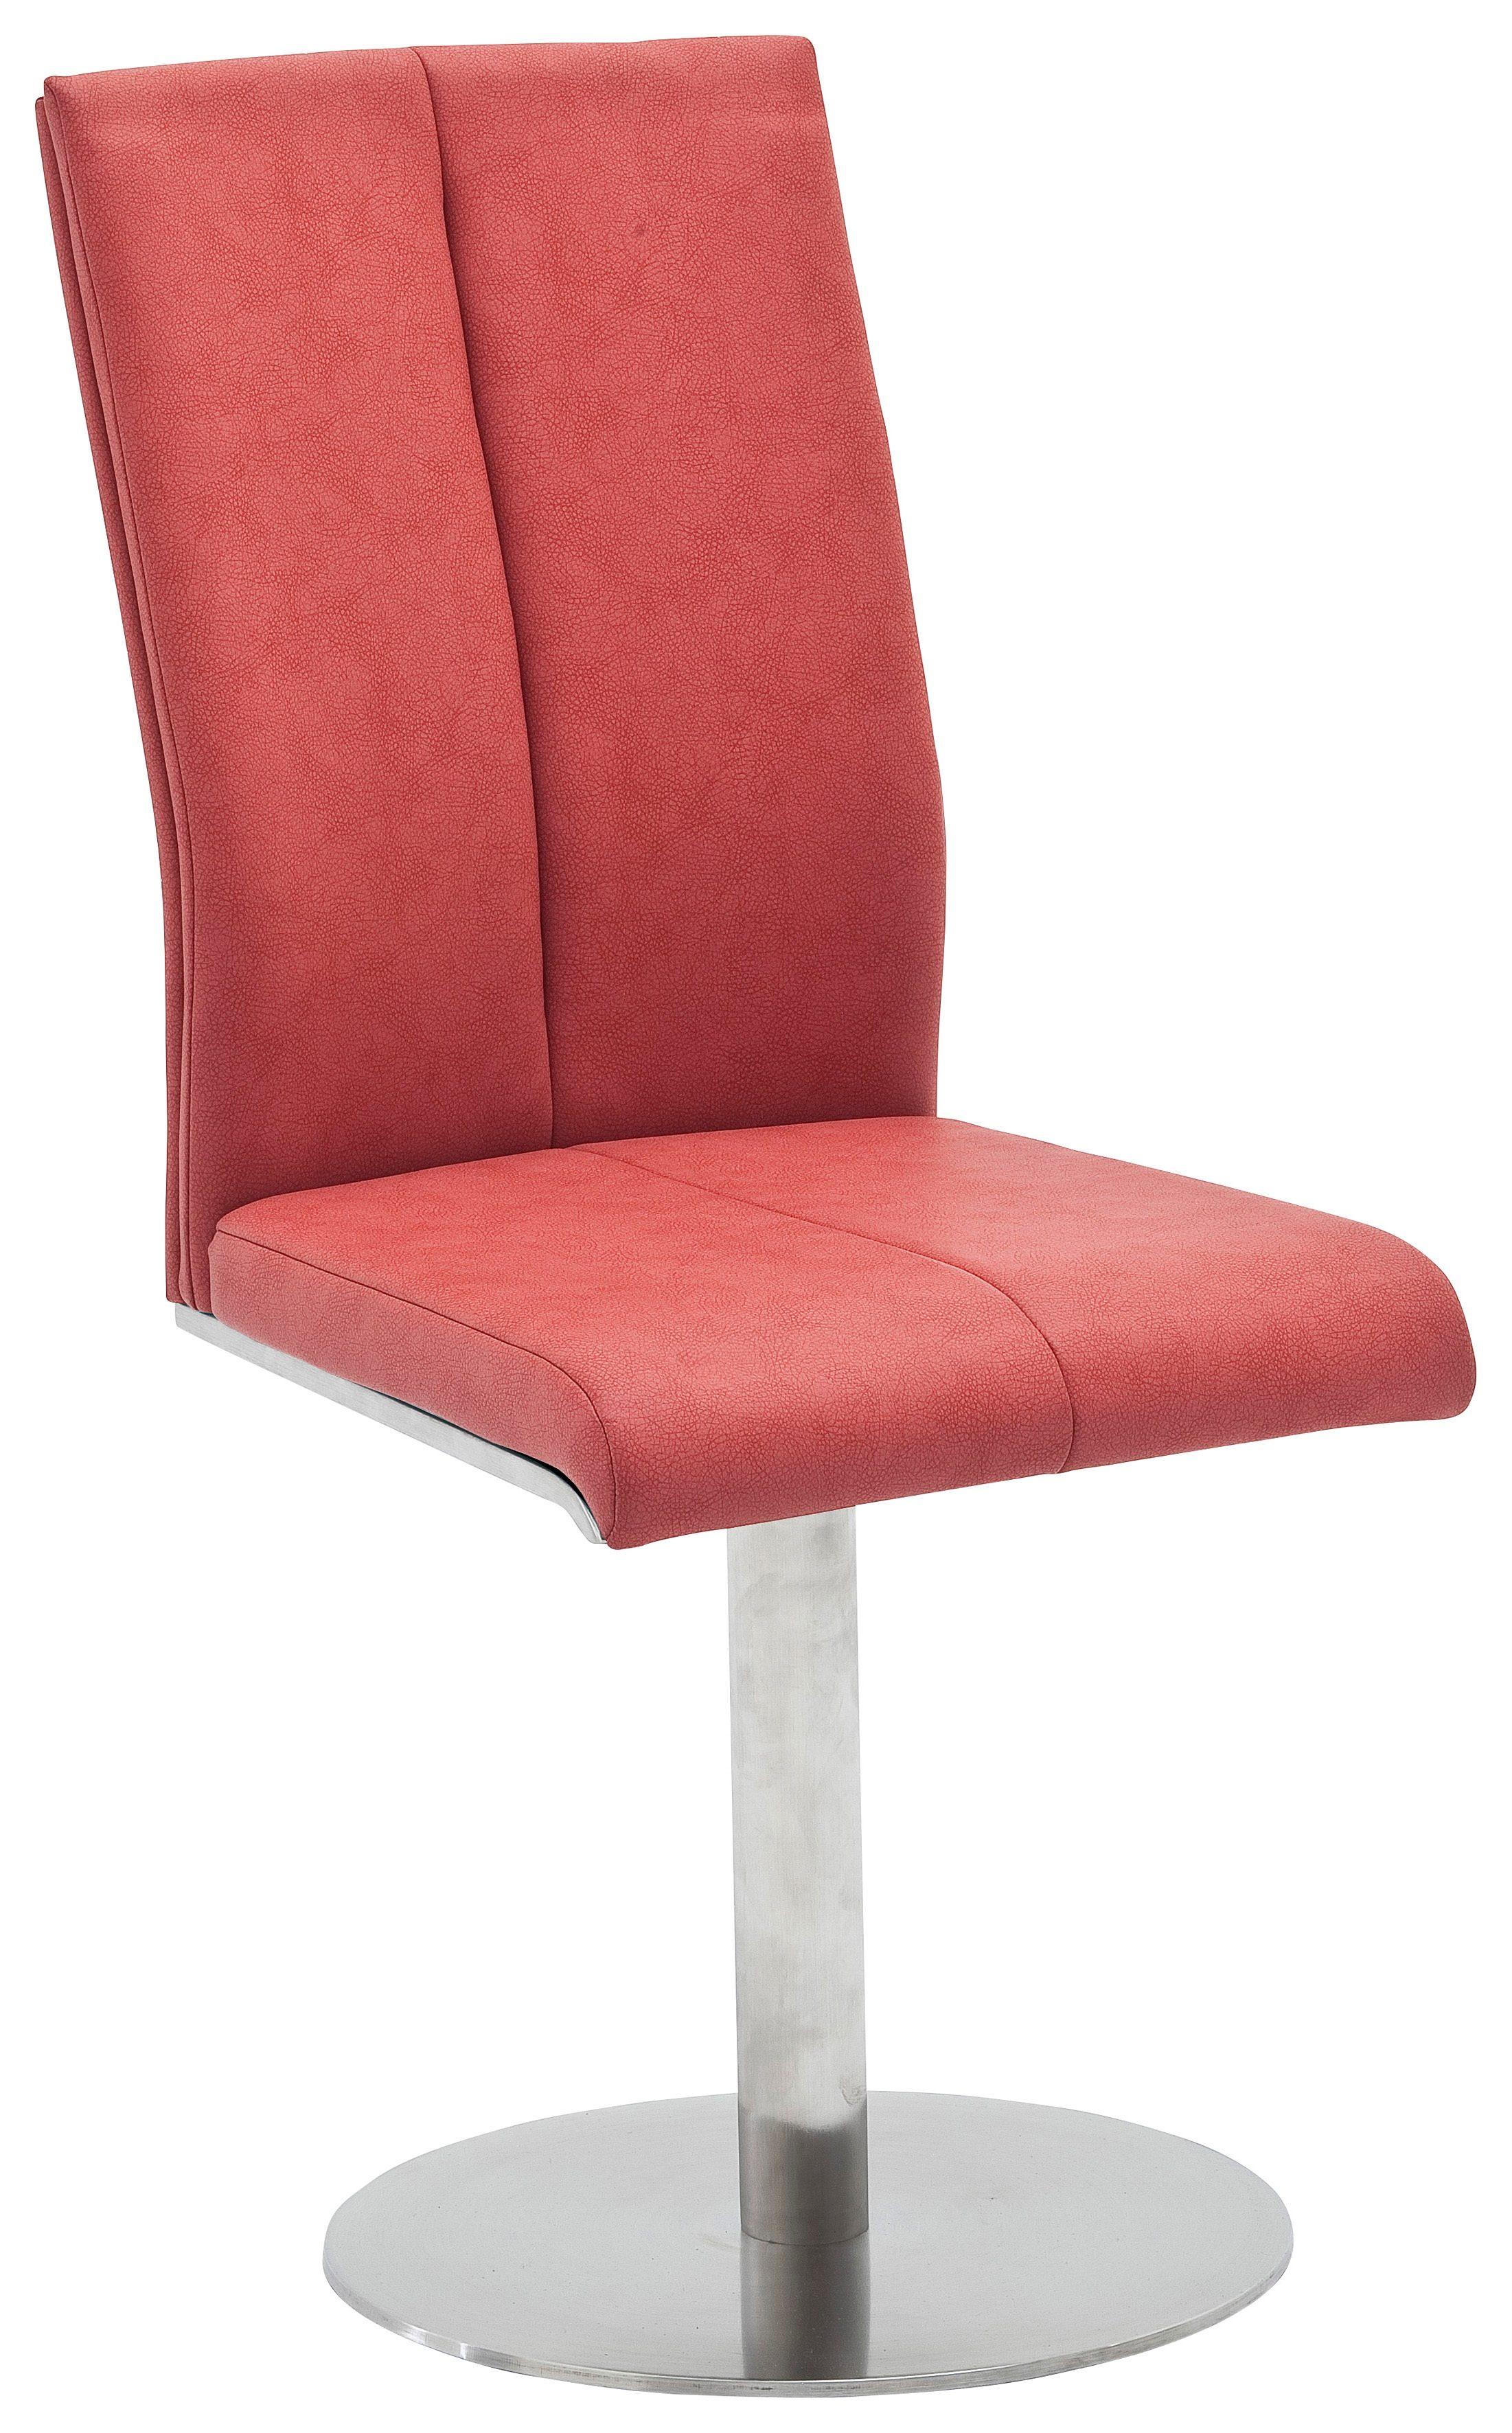 MCA furniture Esszimmerstuhl »Flores C Tellerfuß« 2er Set Stuhl drehbar 360° max. 130 Kg belastbar online kaufen   OTTO